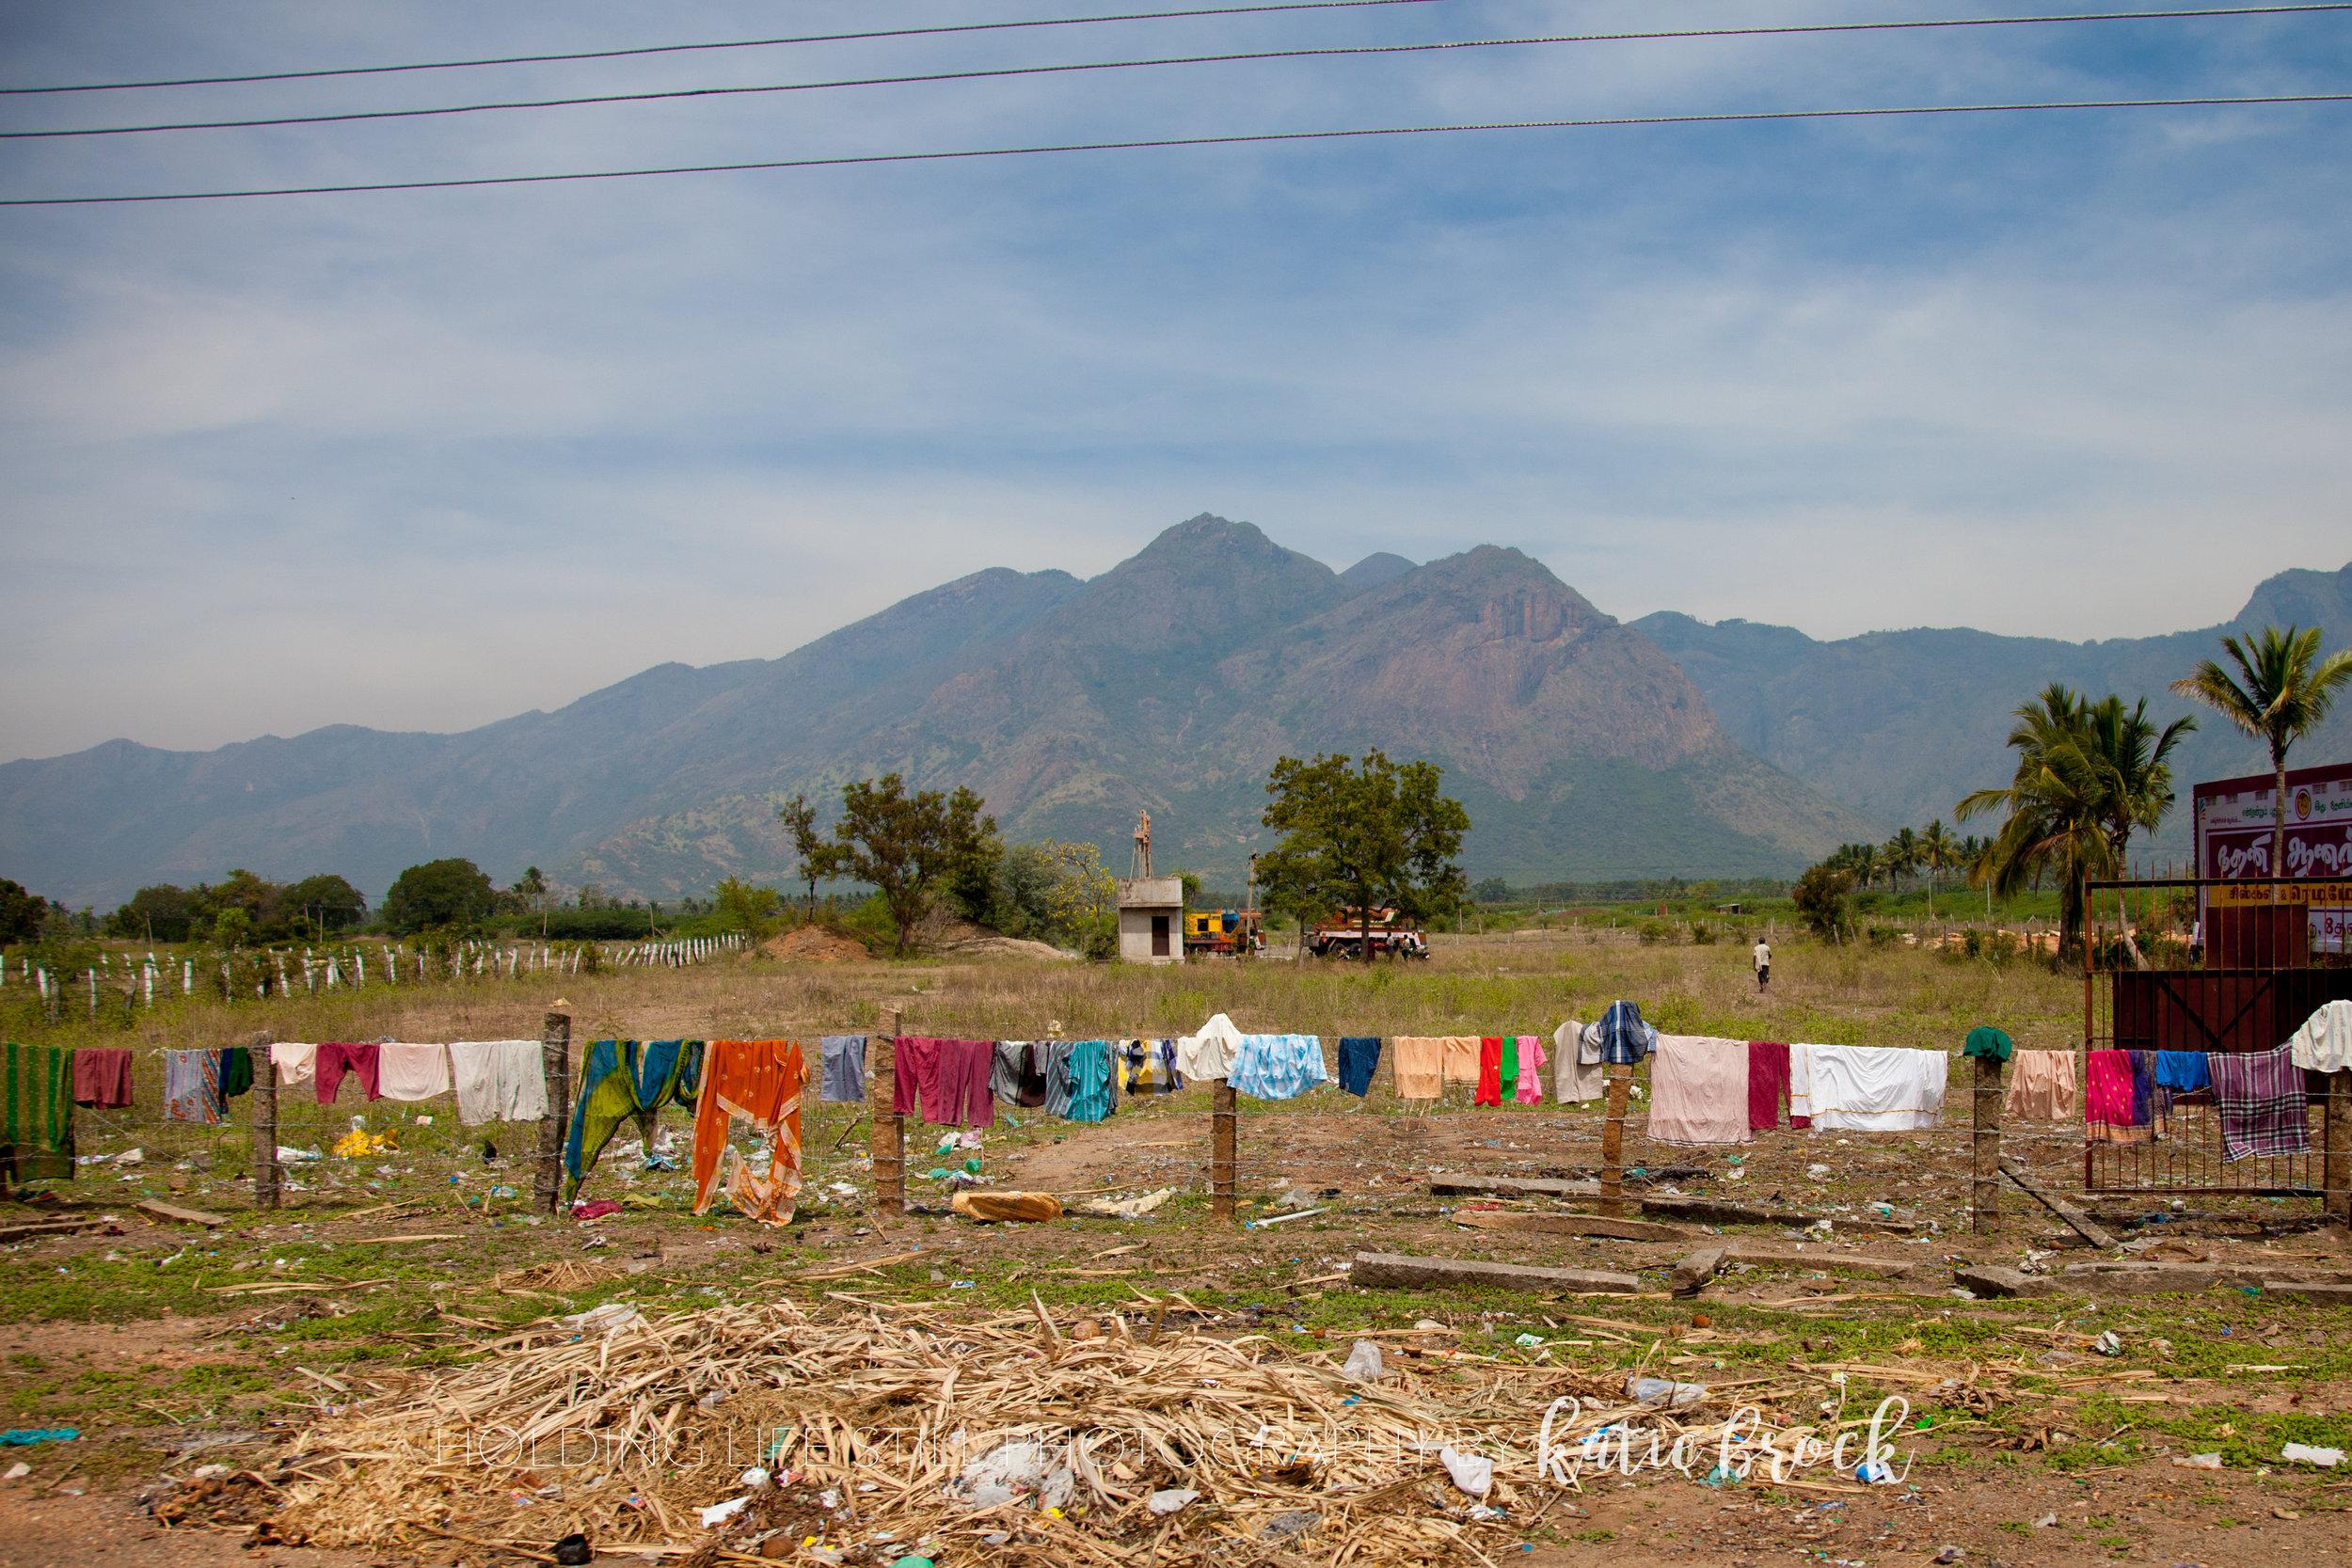 India - laundry